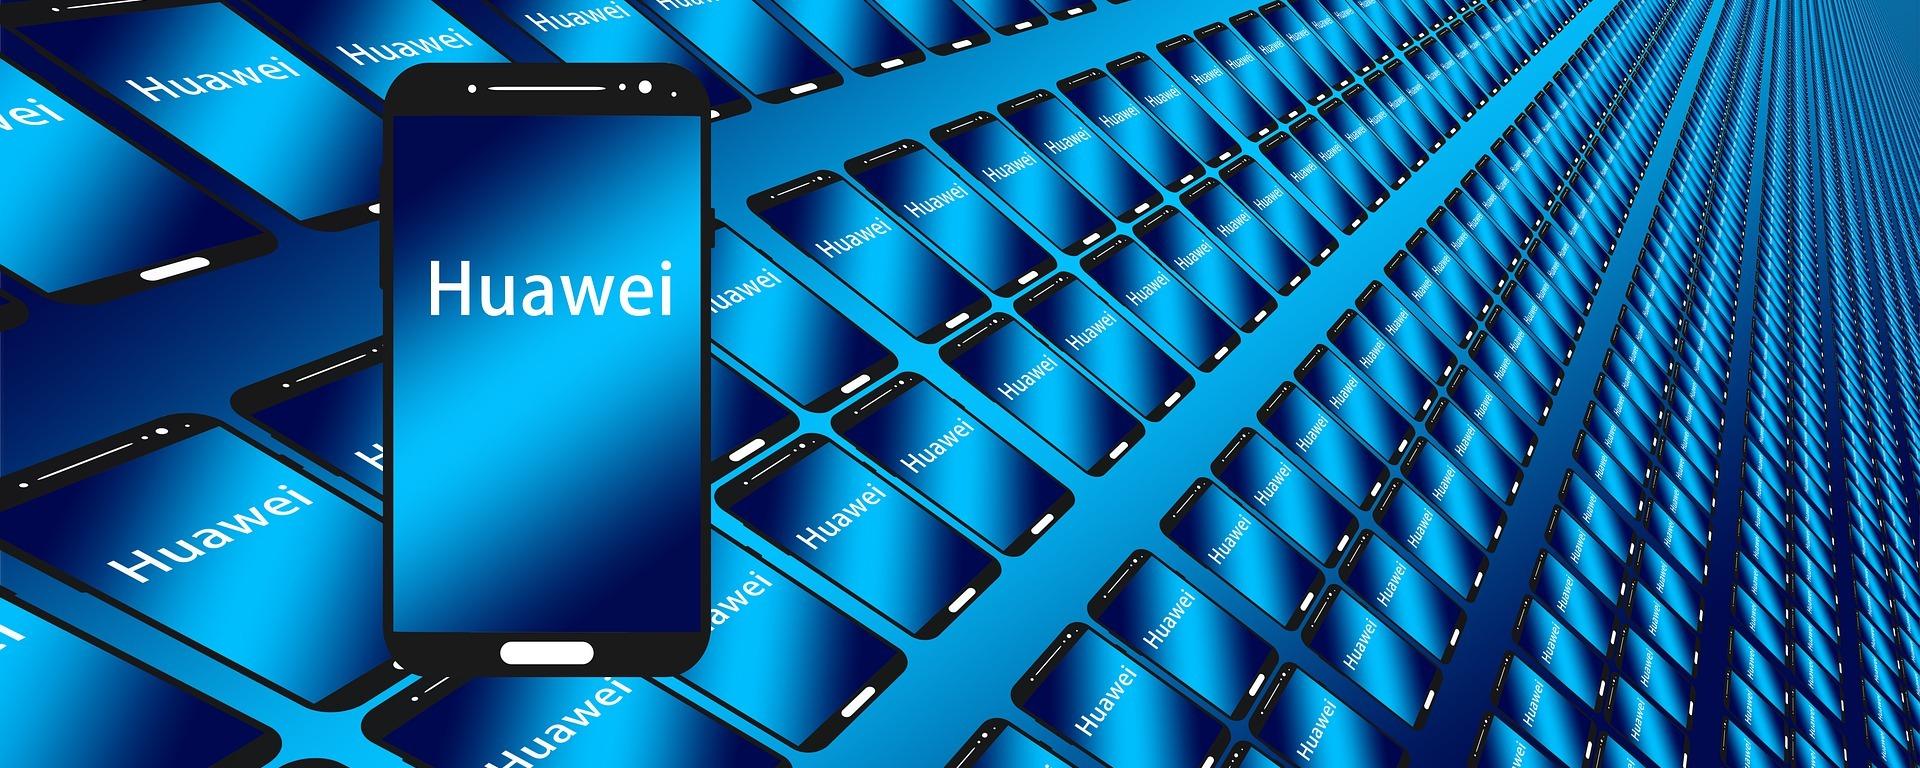 huawei phone smartphone